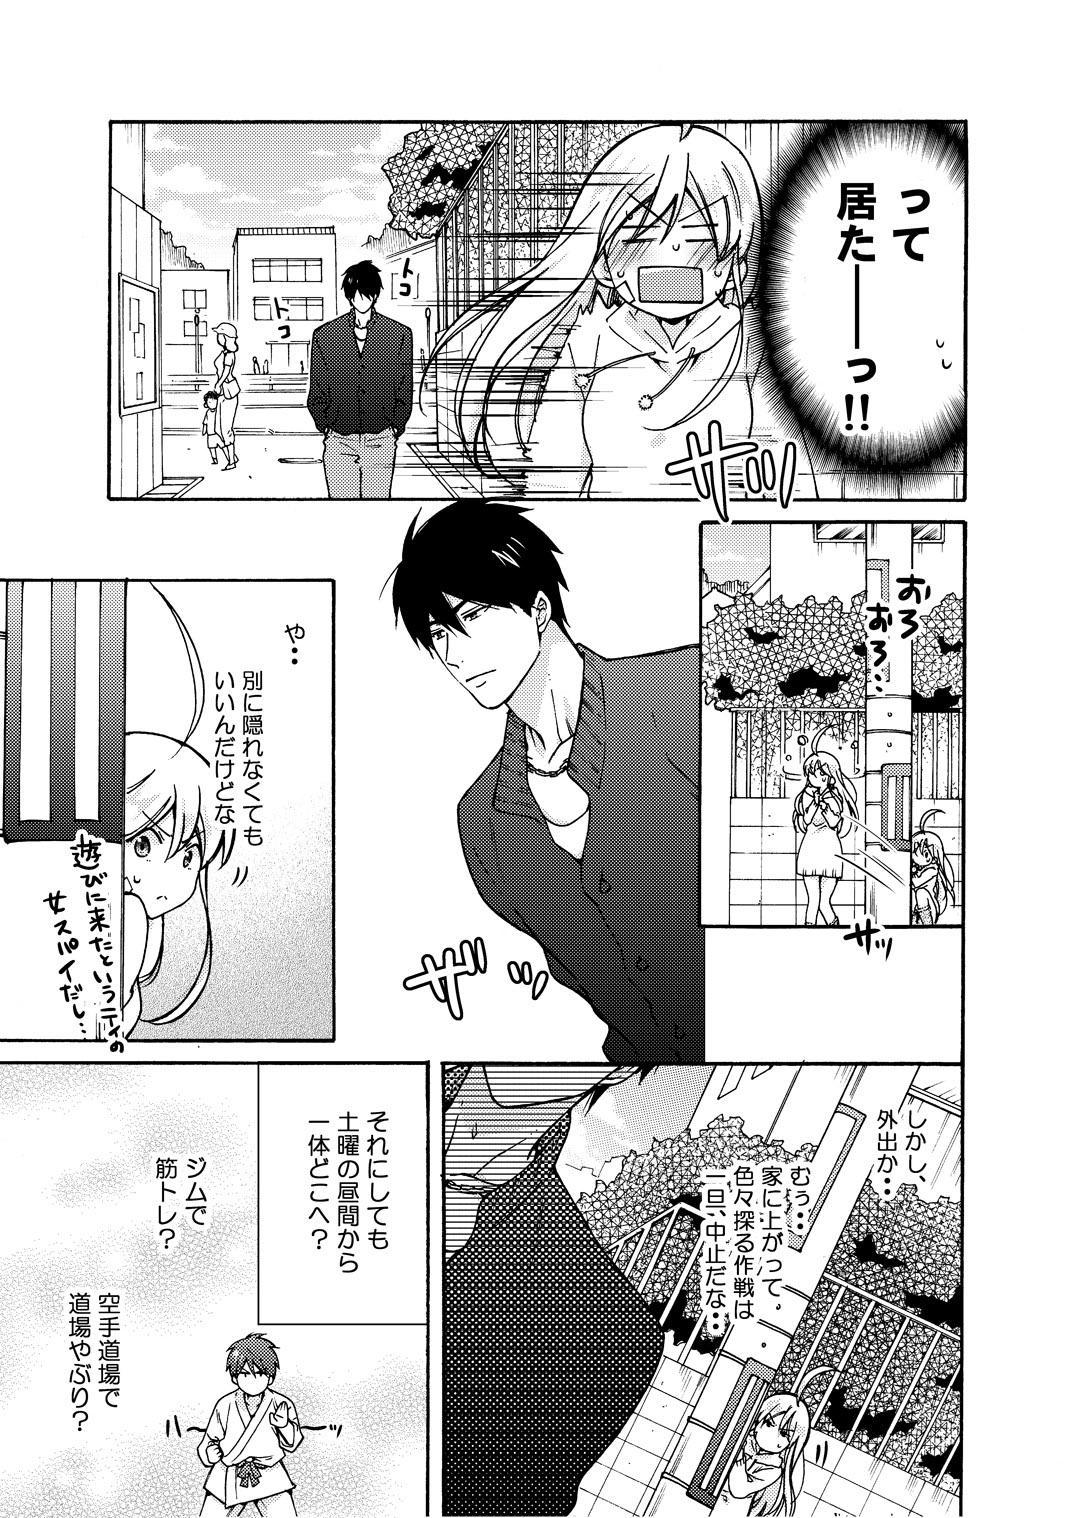 Nyotaika Yankee Gakuen ☆ Ore no Hajimete, Nerawaretemasu. 9 5